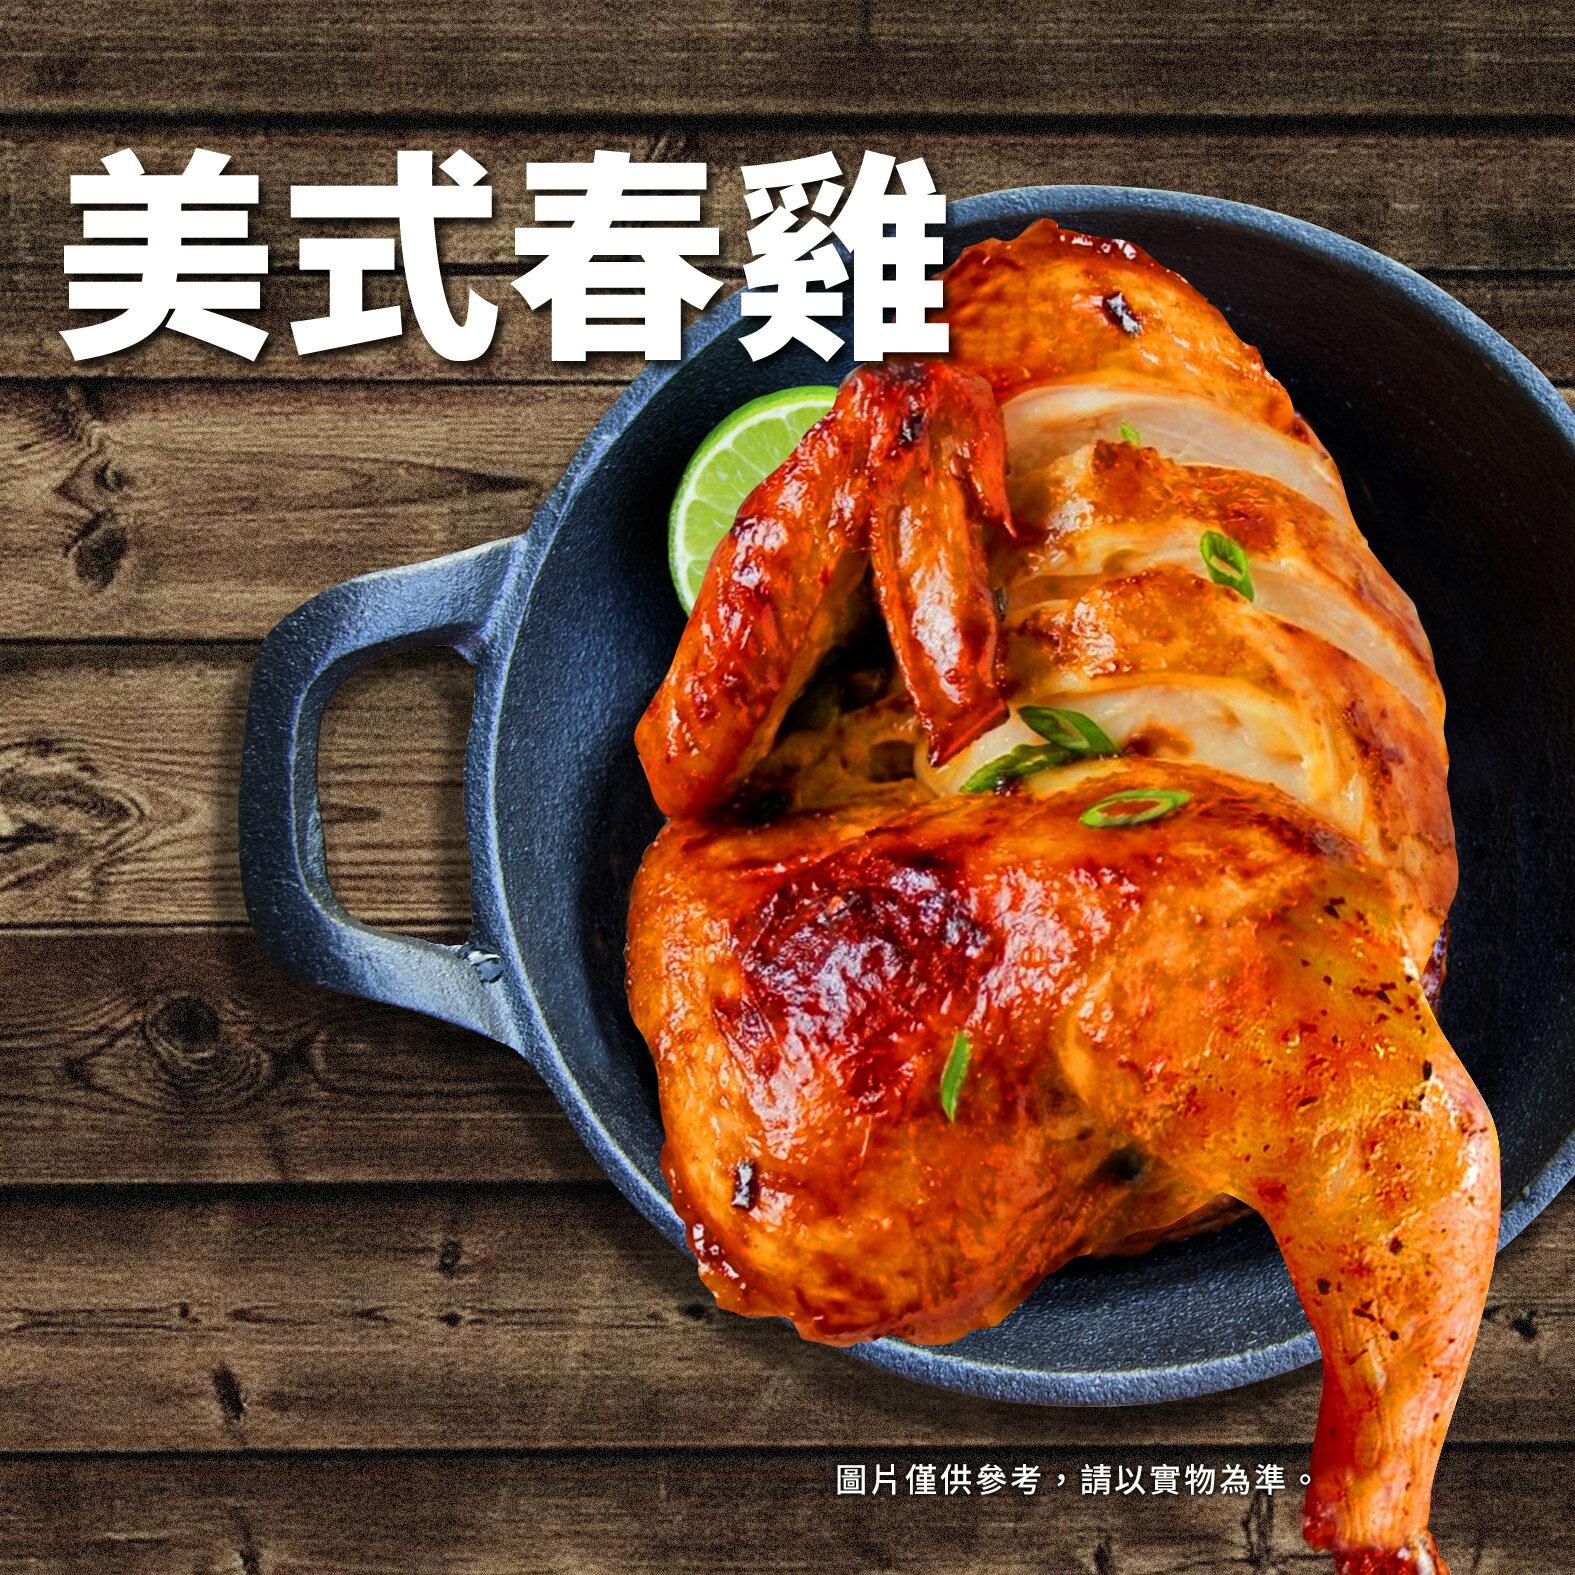 【中二廚】美式春雞-半雞 (350g/包)